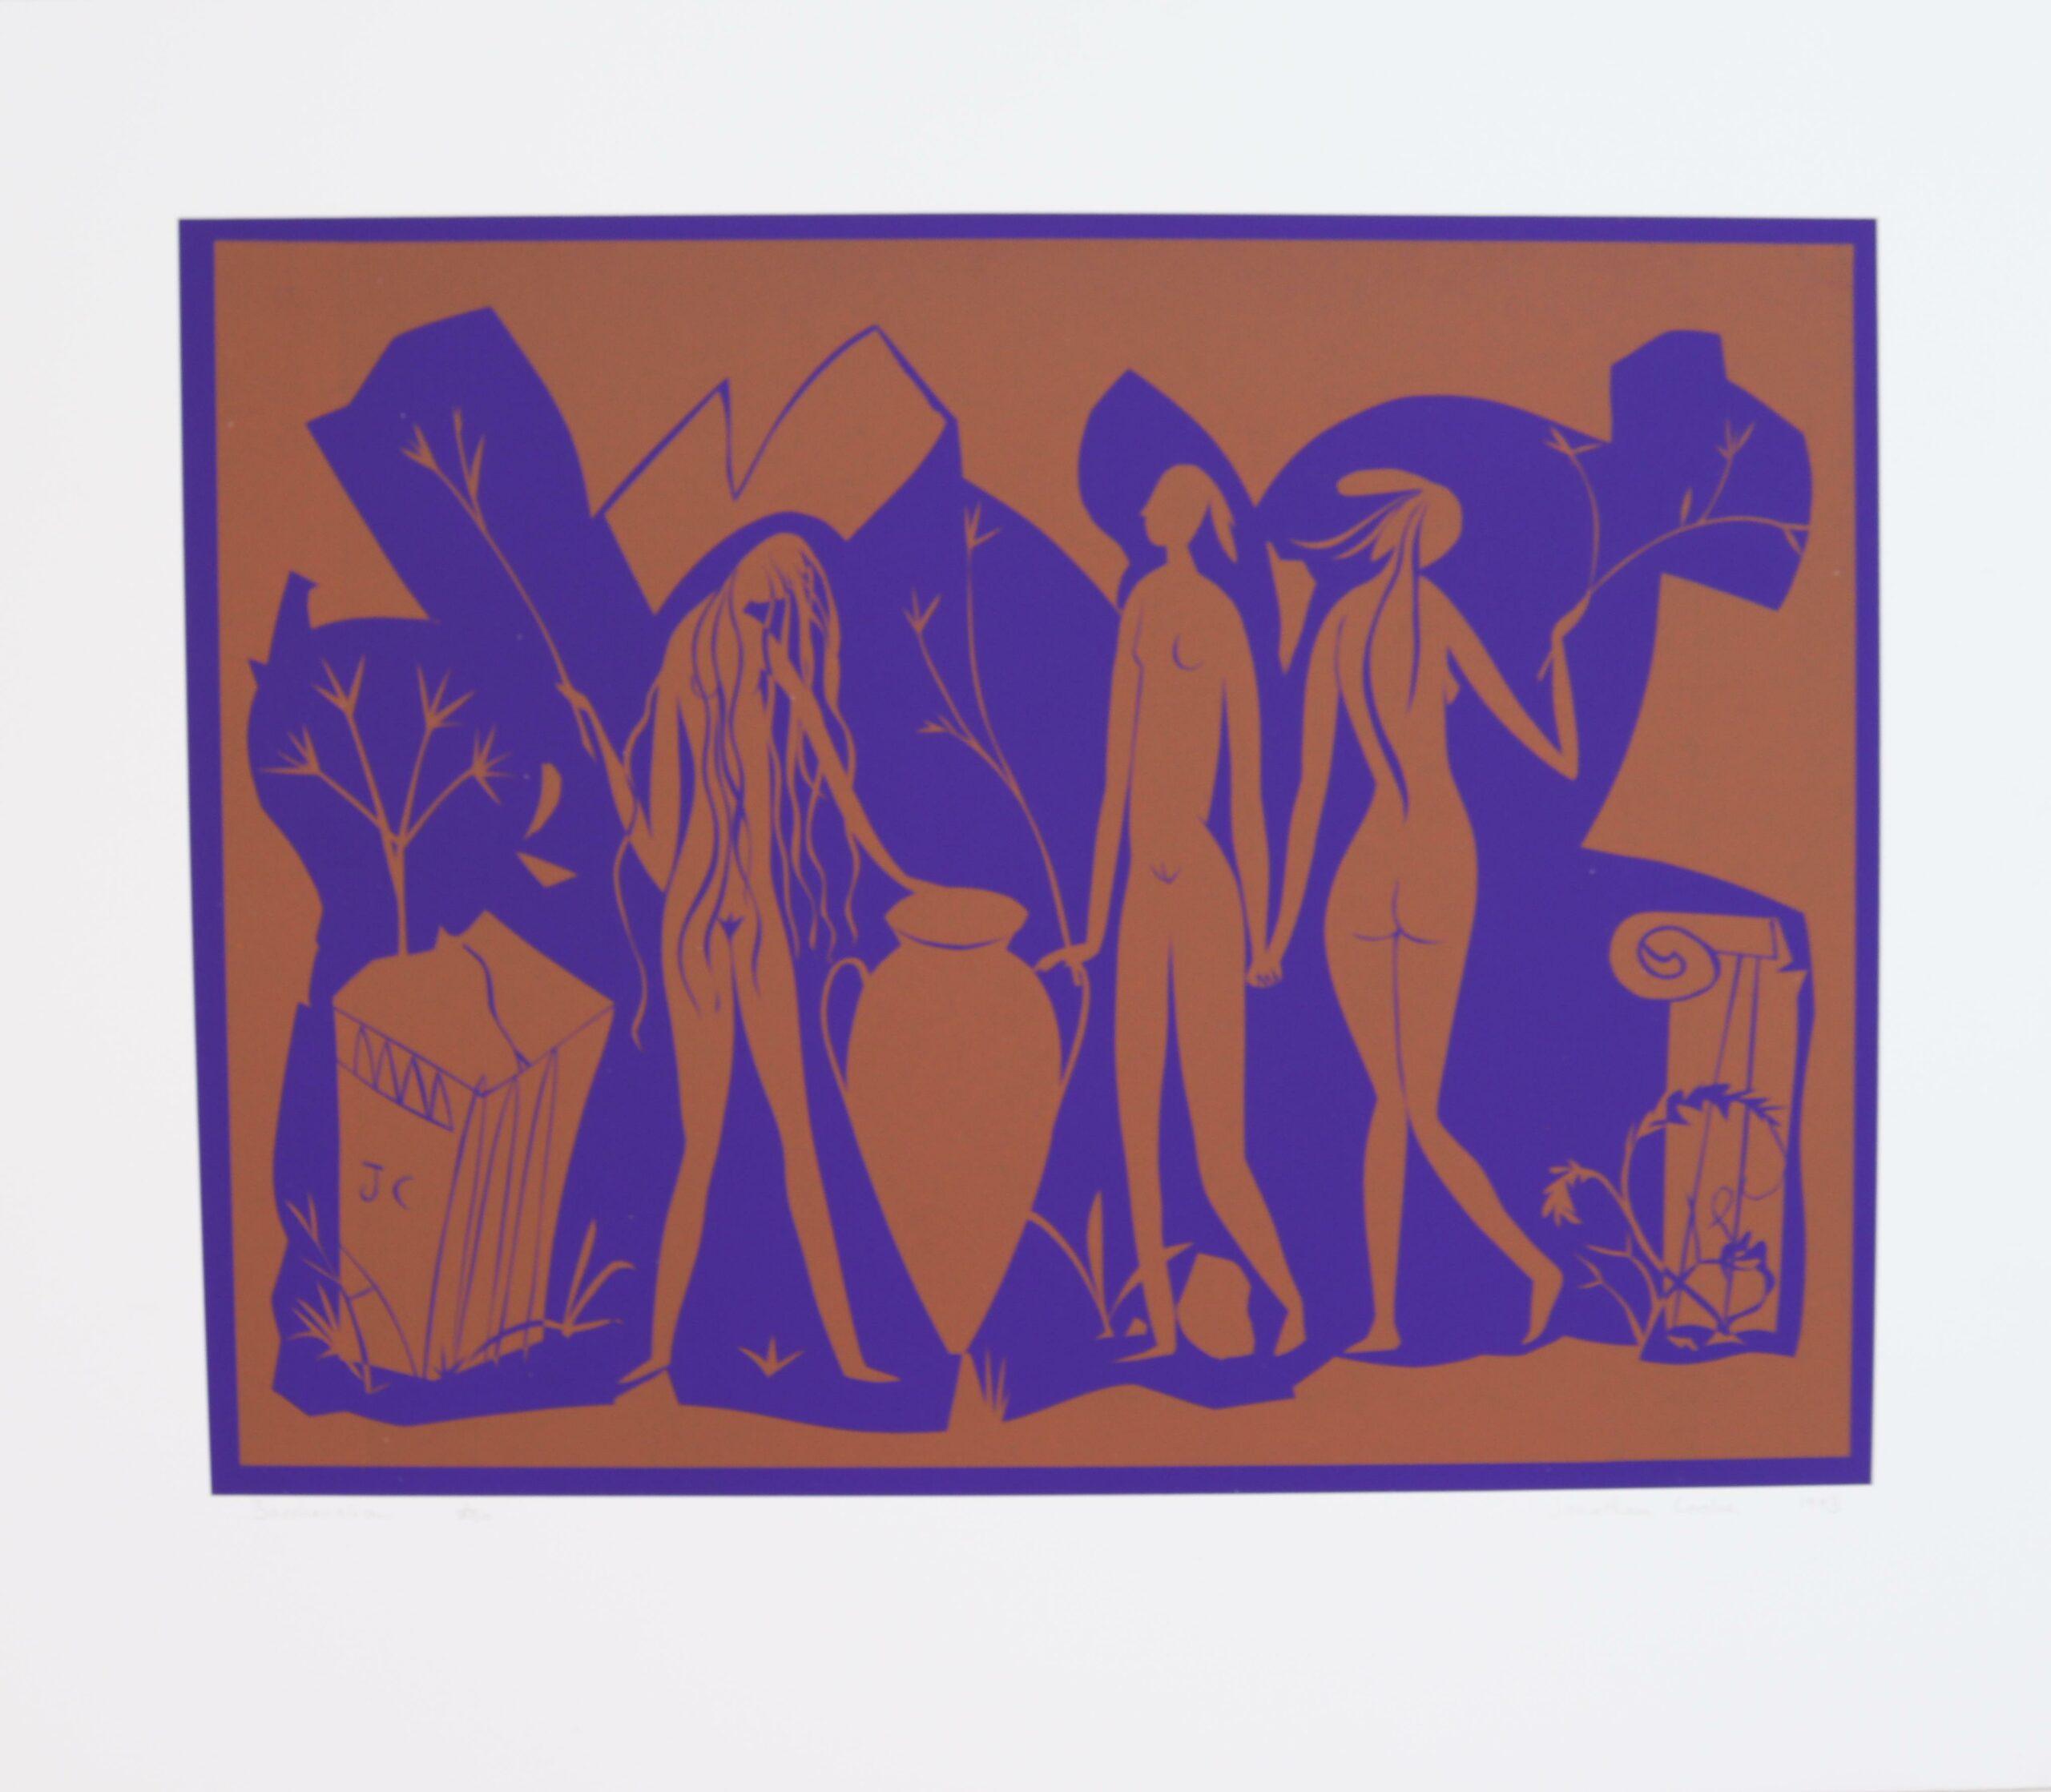 Cooke, Jonathan, Kunst, Galerie Voigt, Nürnberg